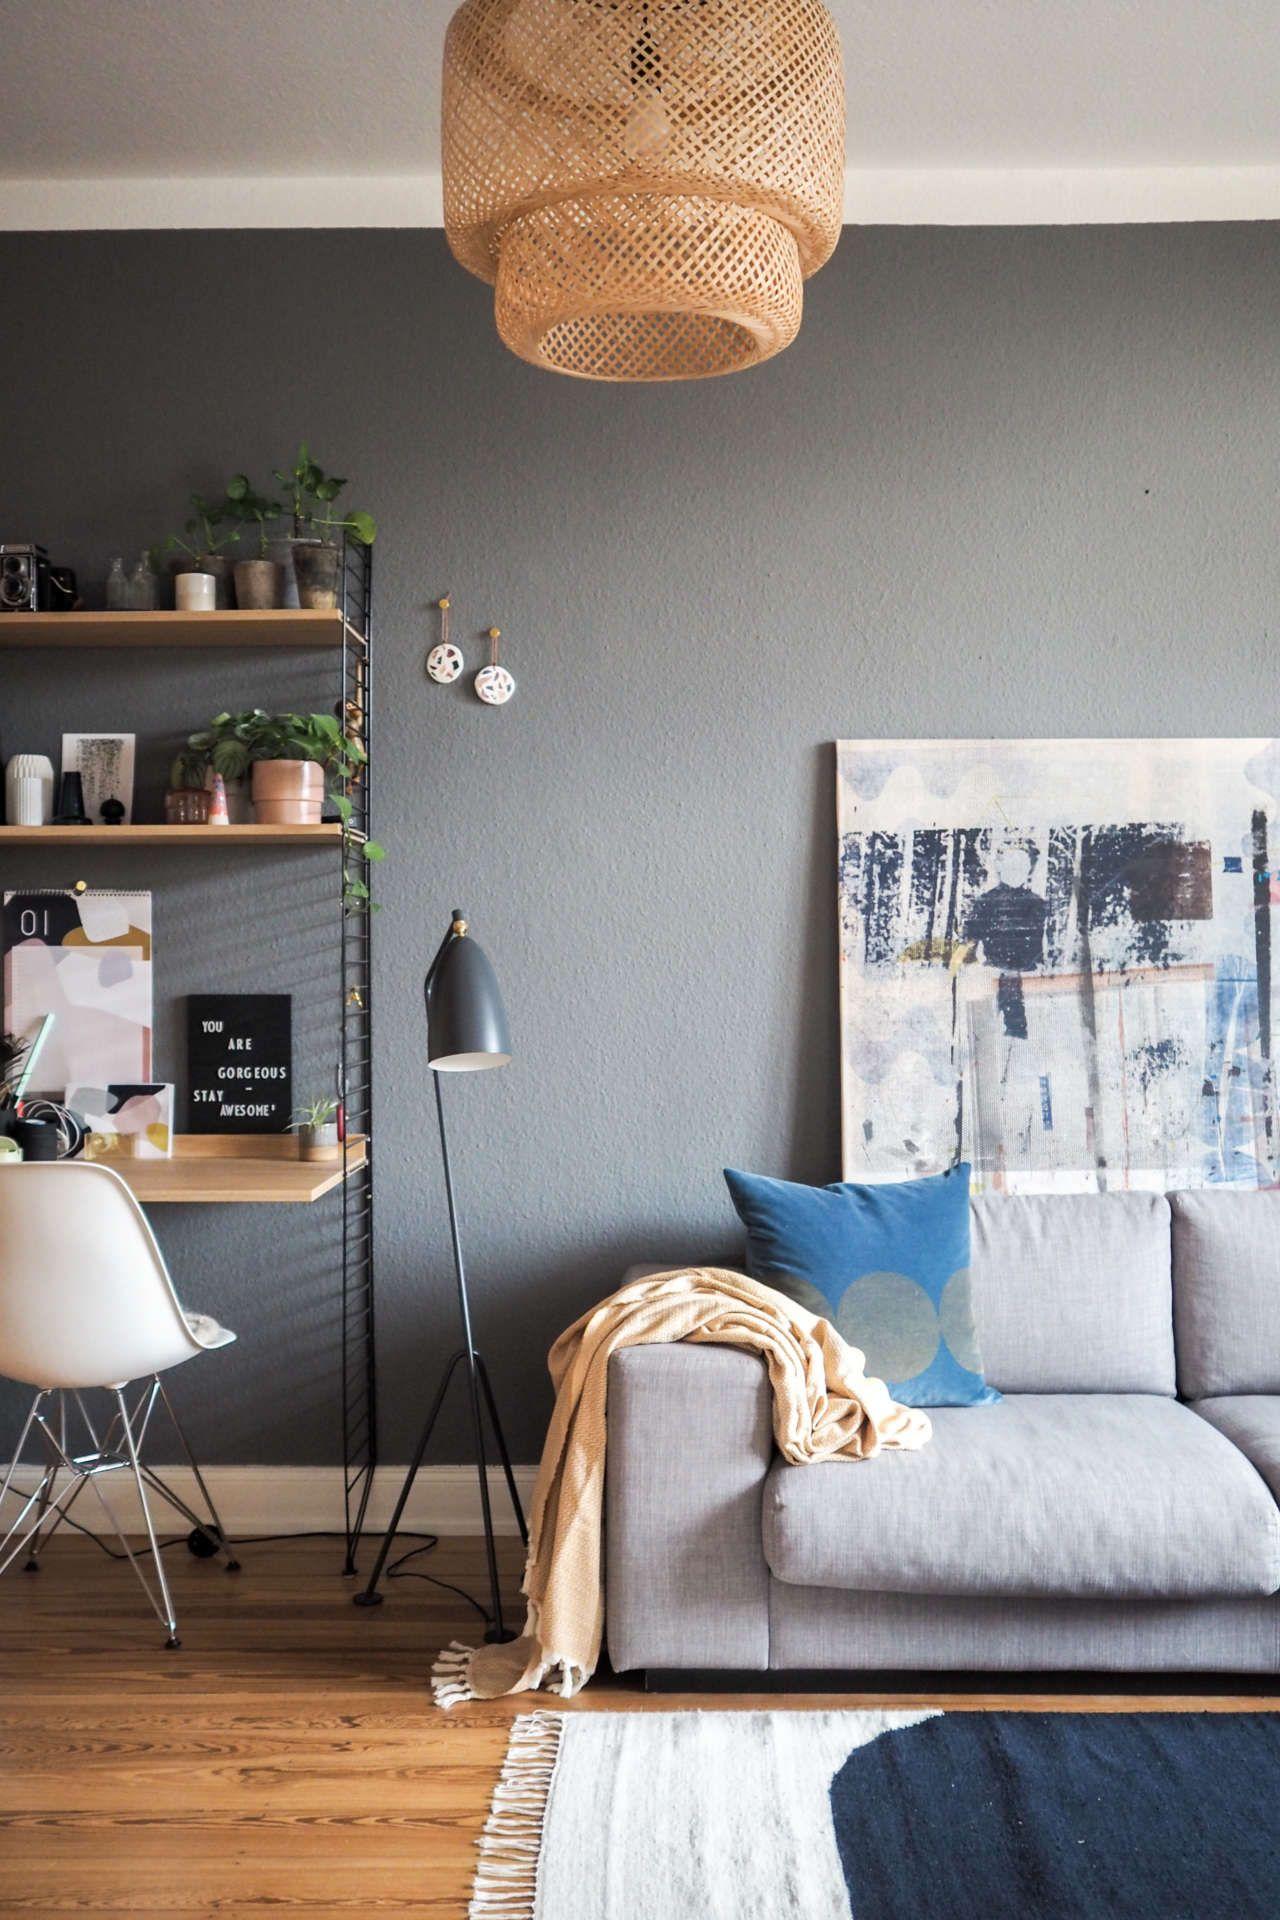 Mein Zuhause: Ein Wohnzimmer-Update | Home Update | Pinterest ...